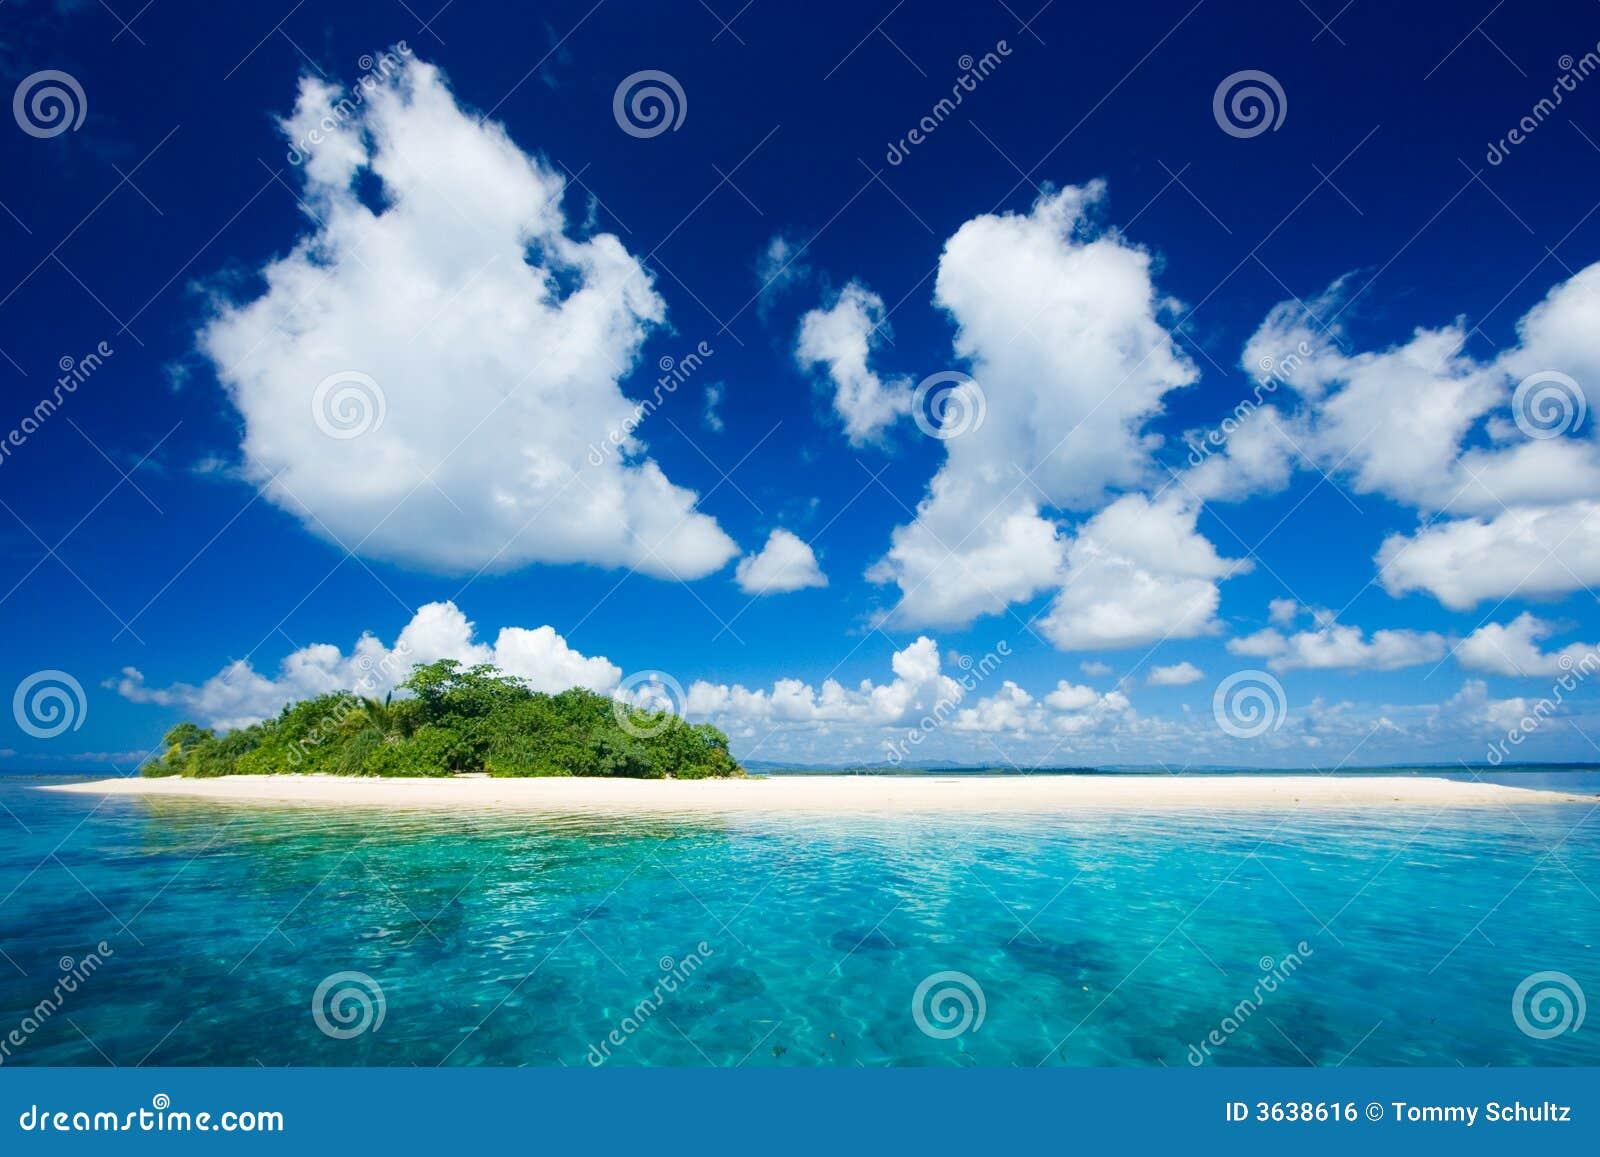 Wyspa raju tropikalnych wakacji